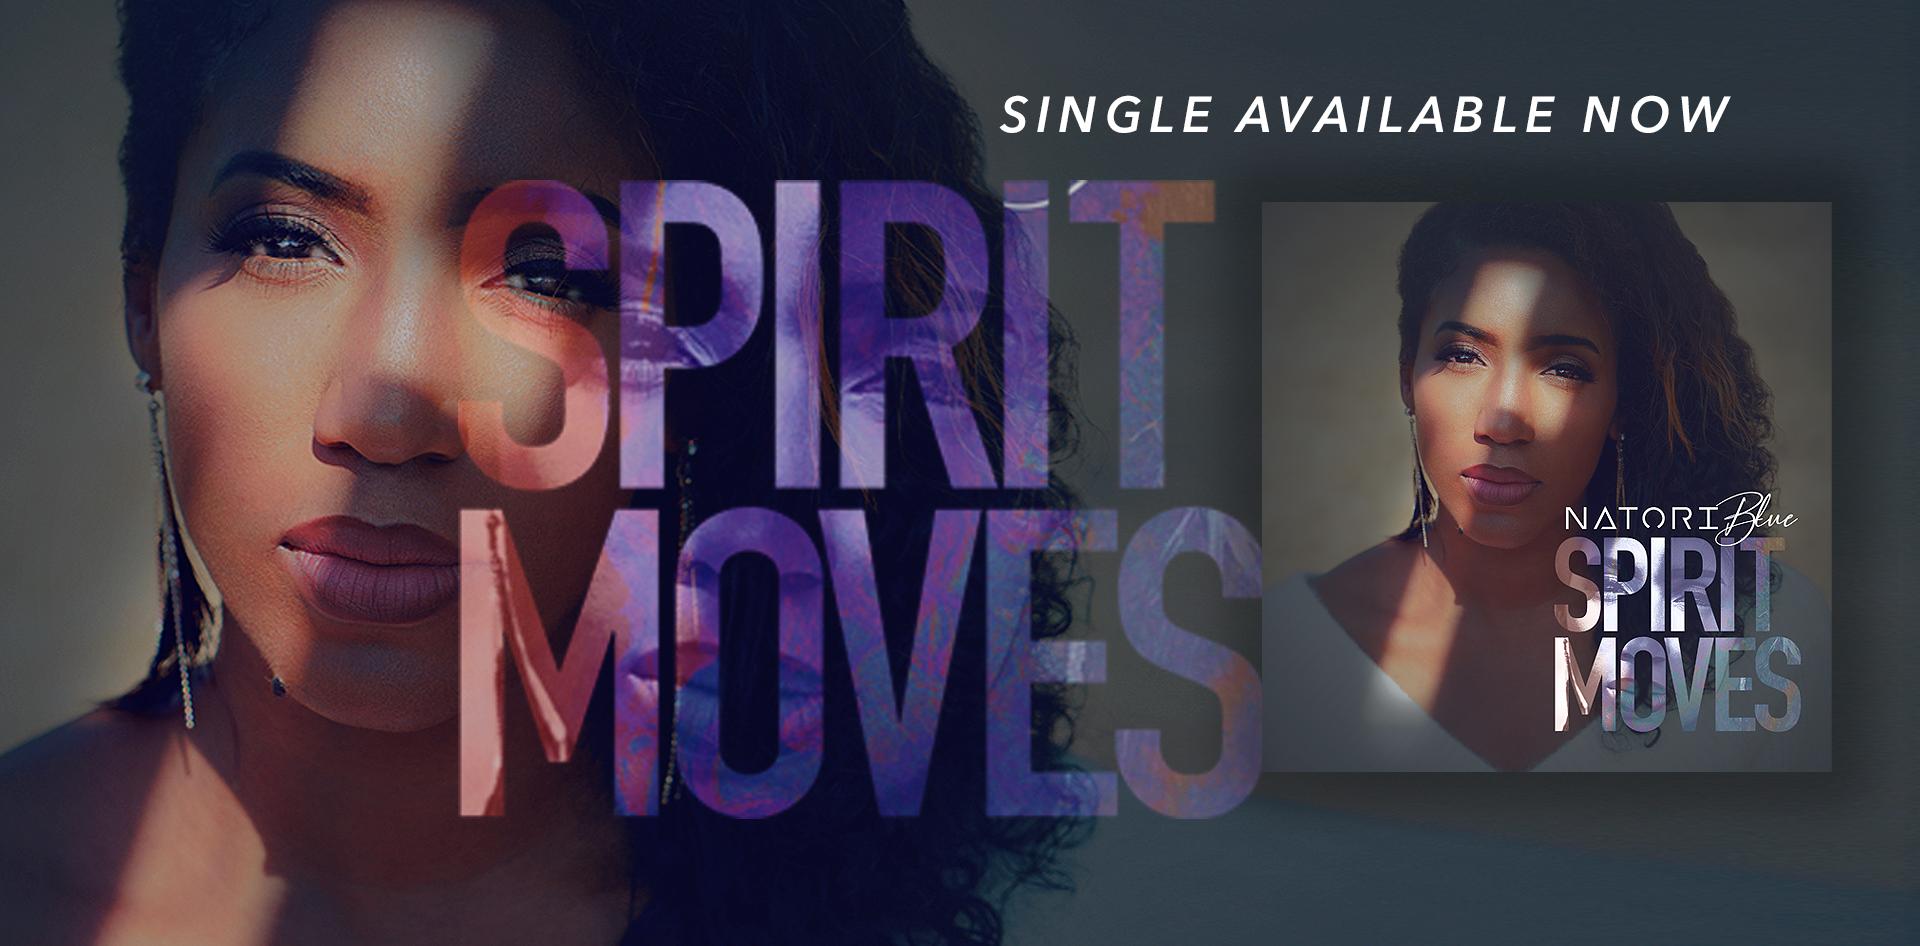 natori-blue-website-slide-spirit-moves